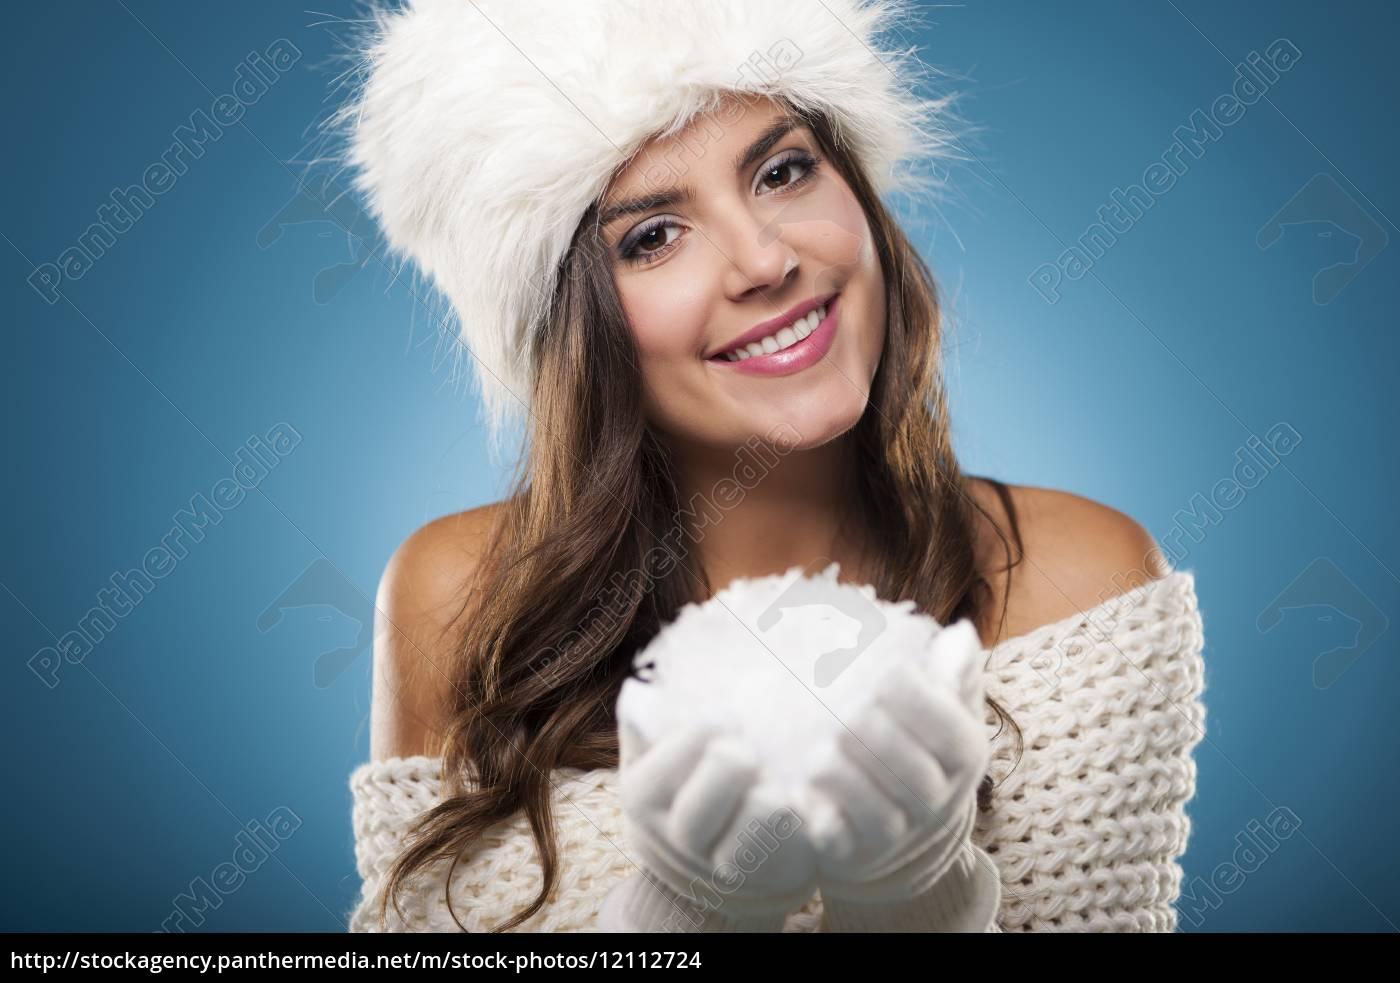 ritratto, di, bella, donna, d'inverno, con - 12112724